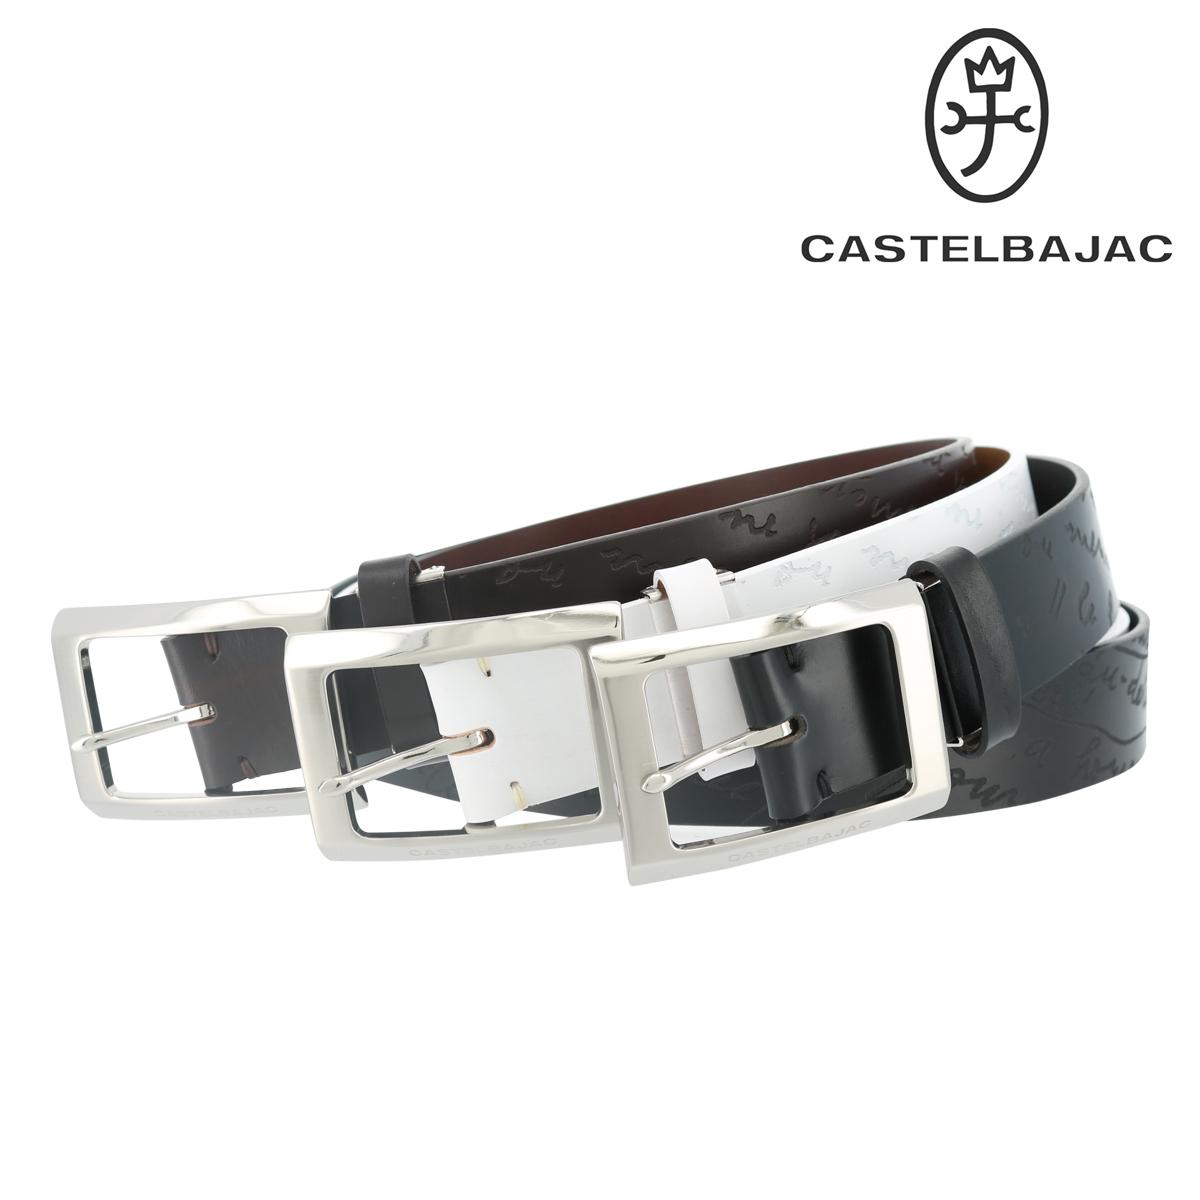 カステルバジャック ベルト ゴルフ メンズ 23402-134 CASTELBAJAC 牛革 本革 レザー スポーツ 日本製[即日発送]